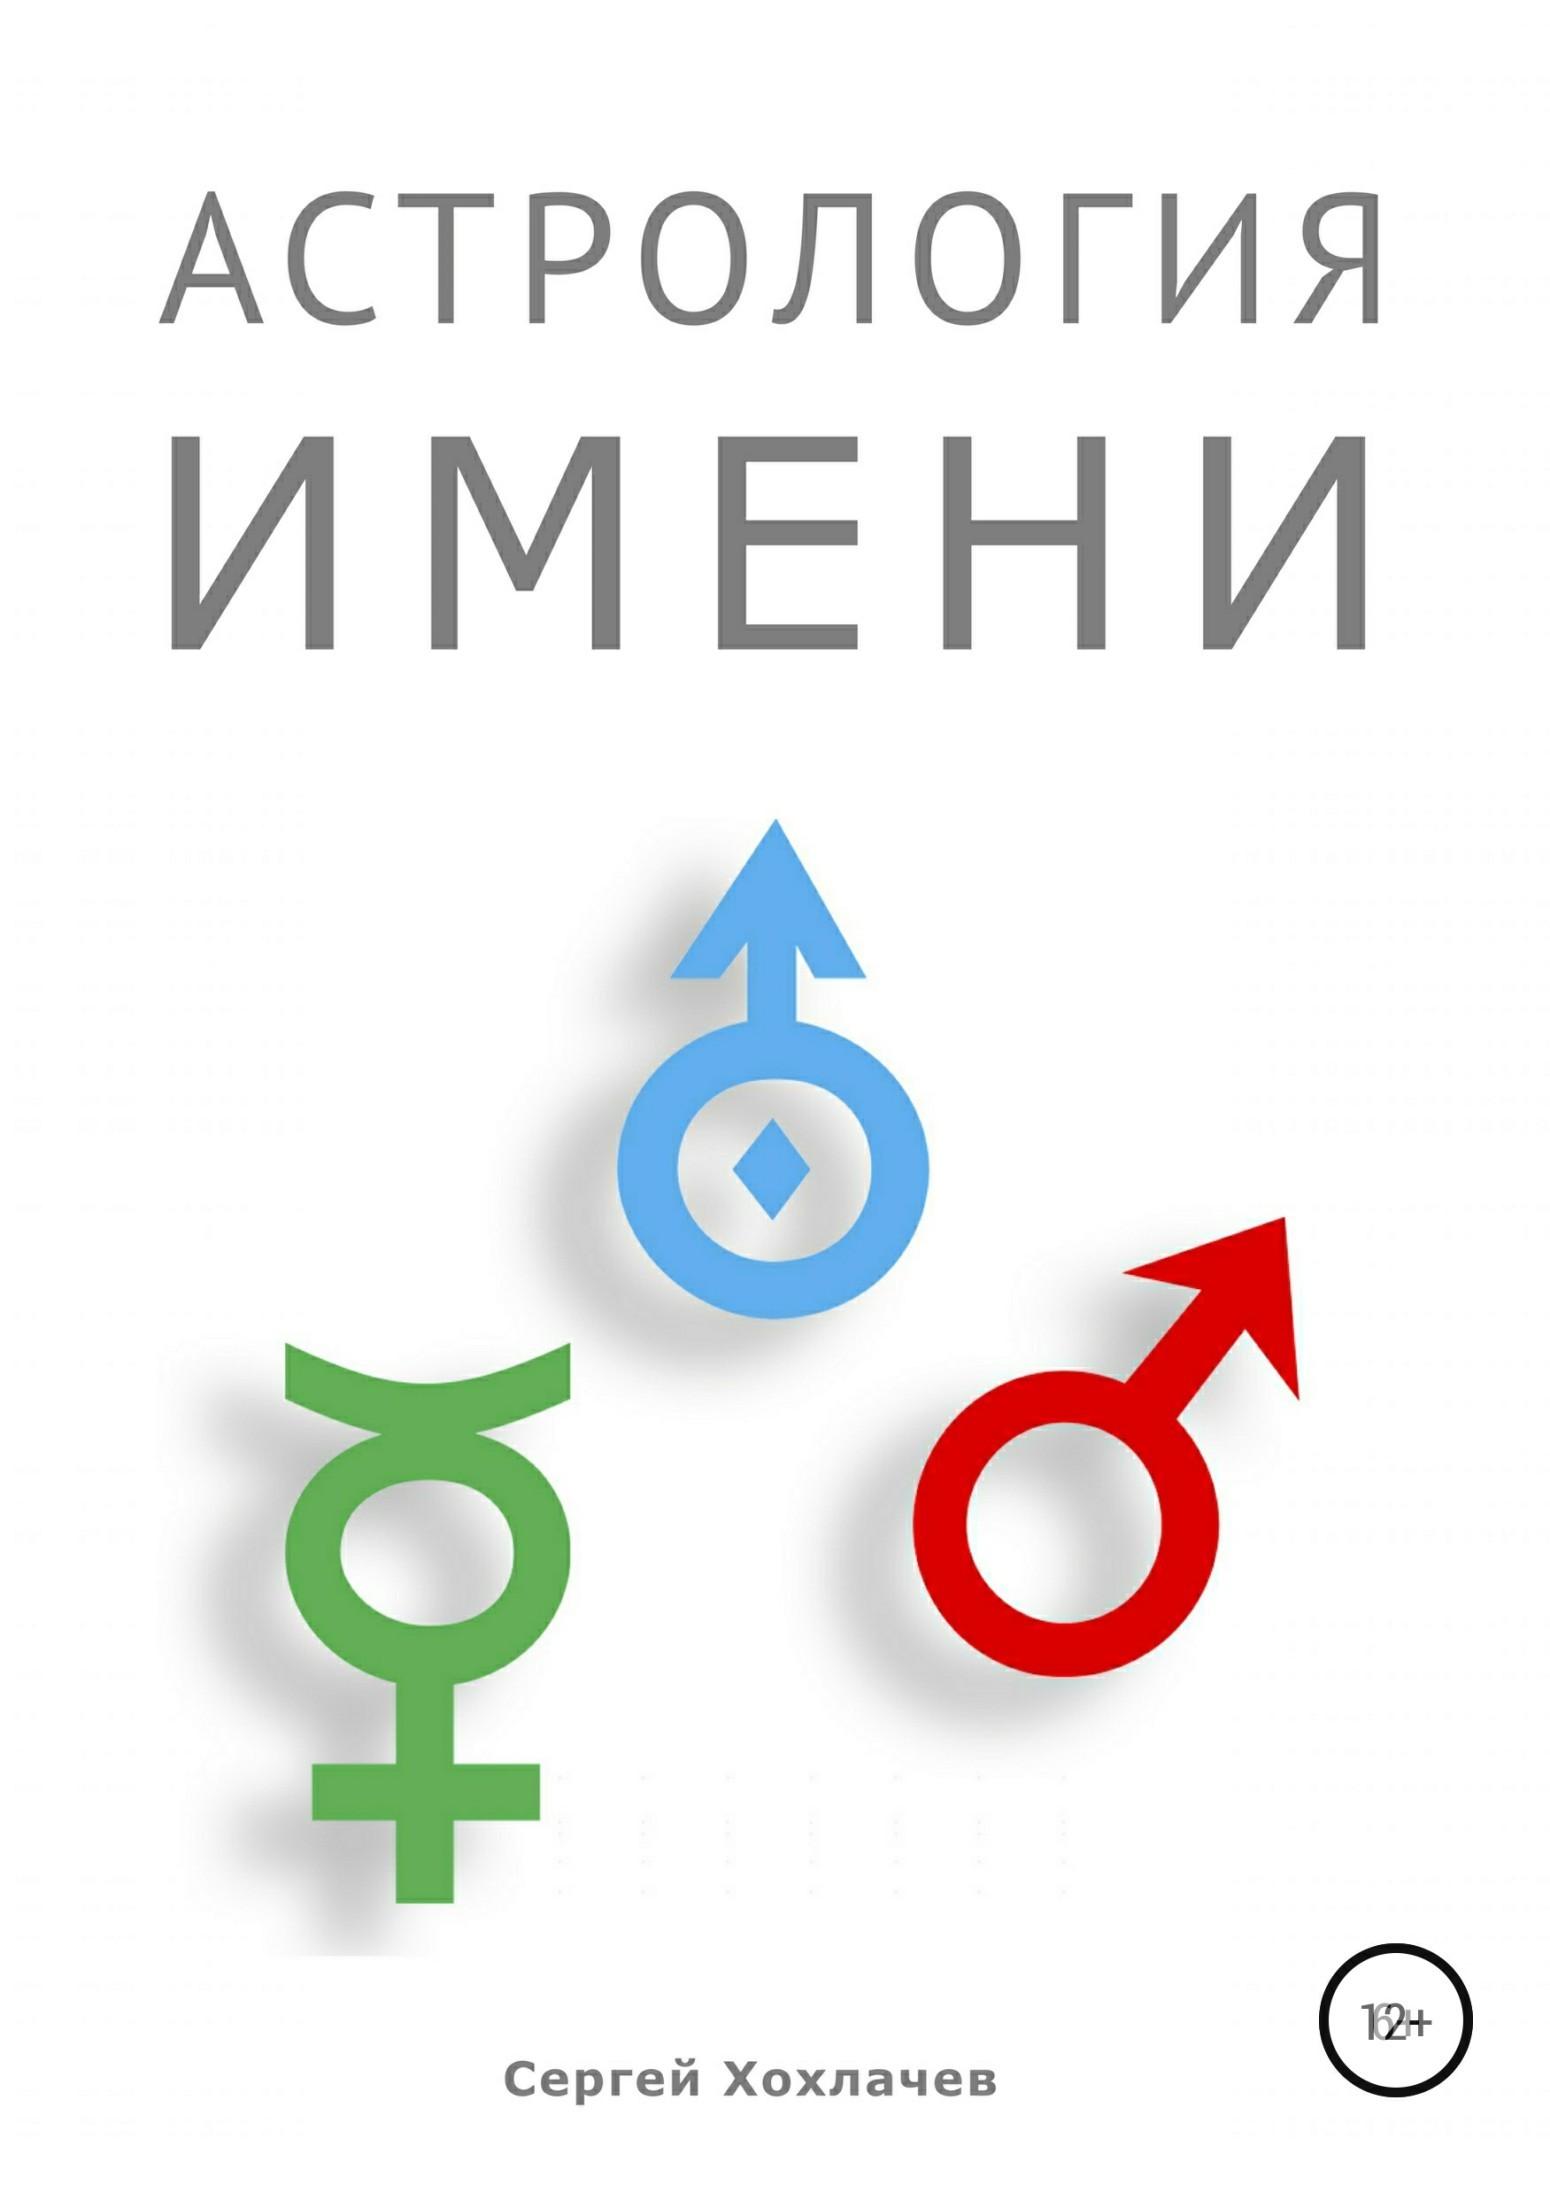 Астрология имени